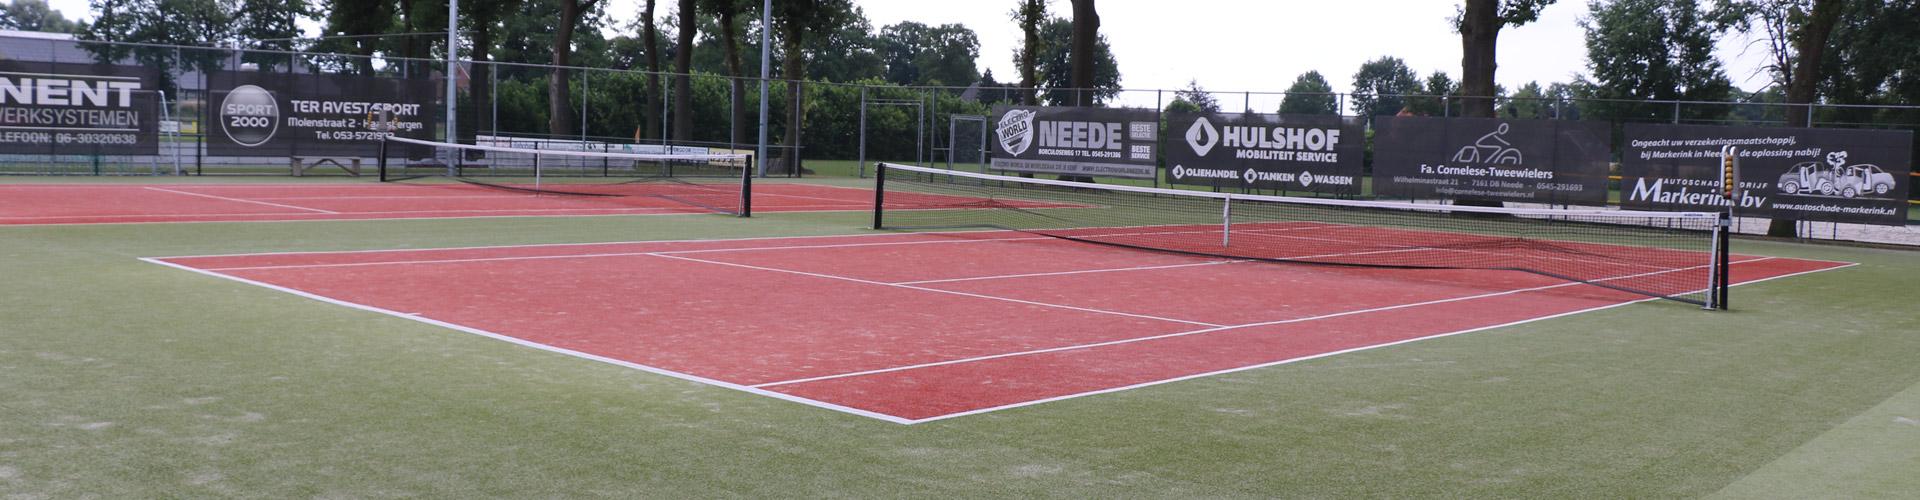 Dorpsaccommodatie Rietmolen - Tennisbaan